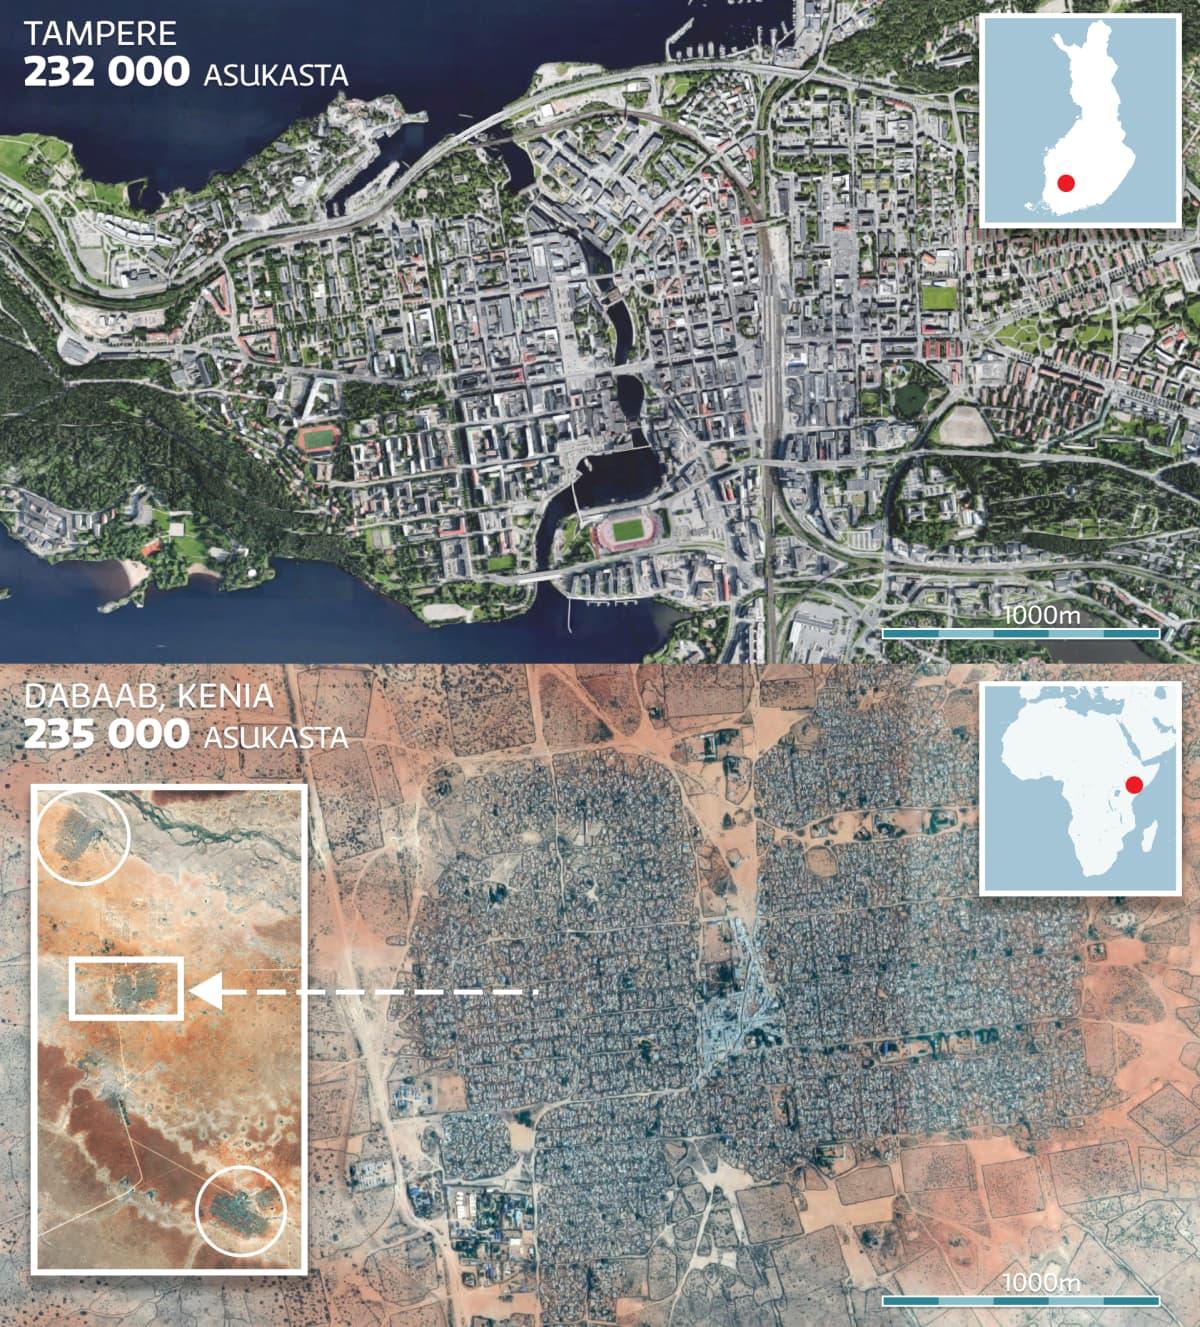 Kartta jossa vertaillaan Tampereen kaupunkia ja Zabaabin pakolaisleiriä.